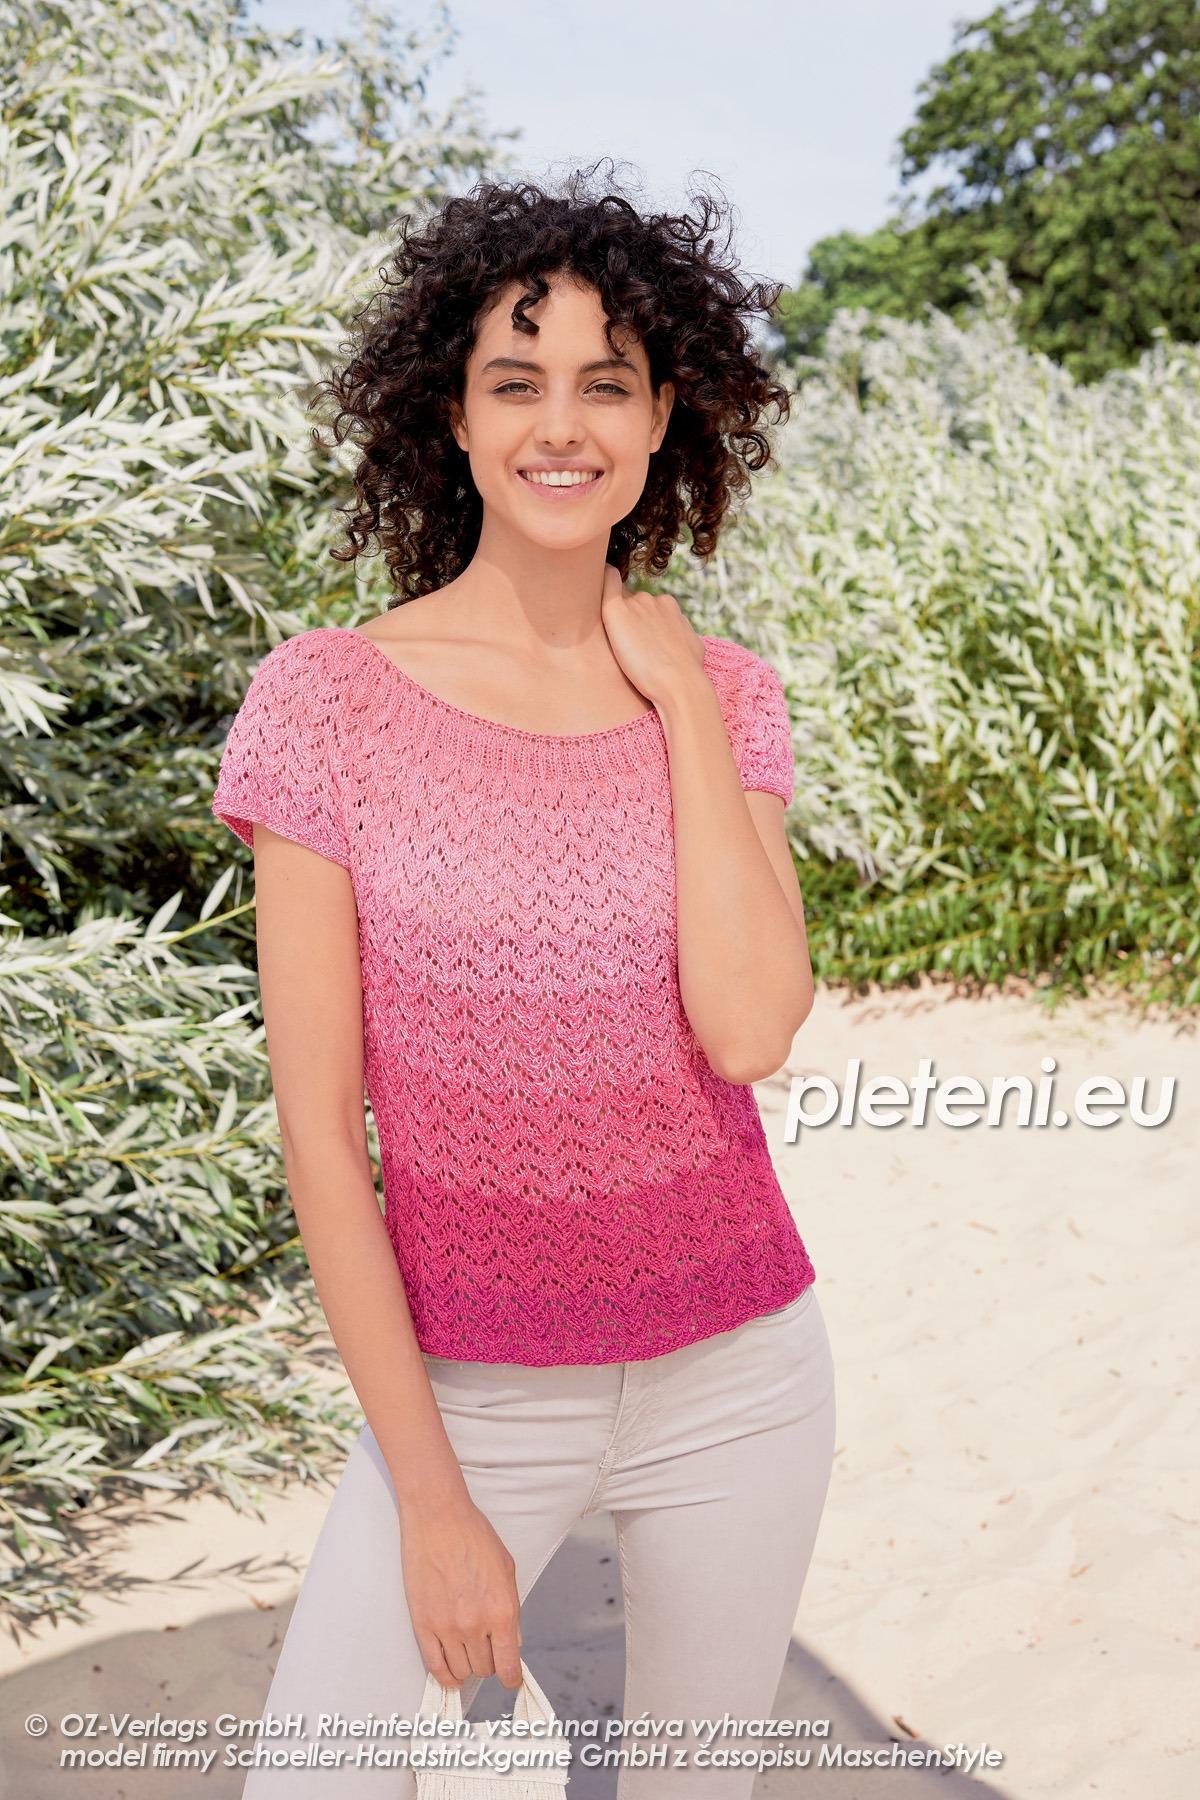 2020-L-09 pletený dámský top z příze Fantasy Colours značky Austermann